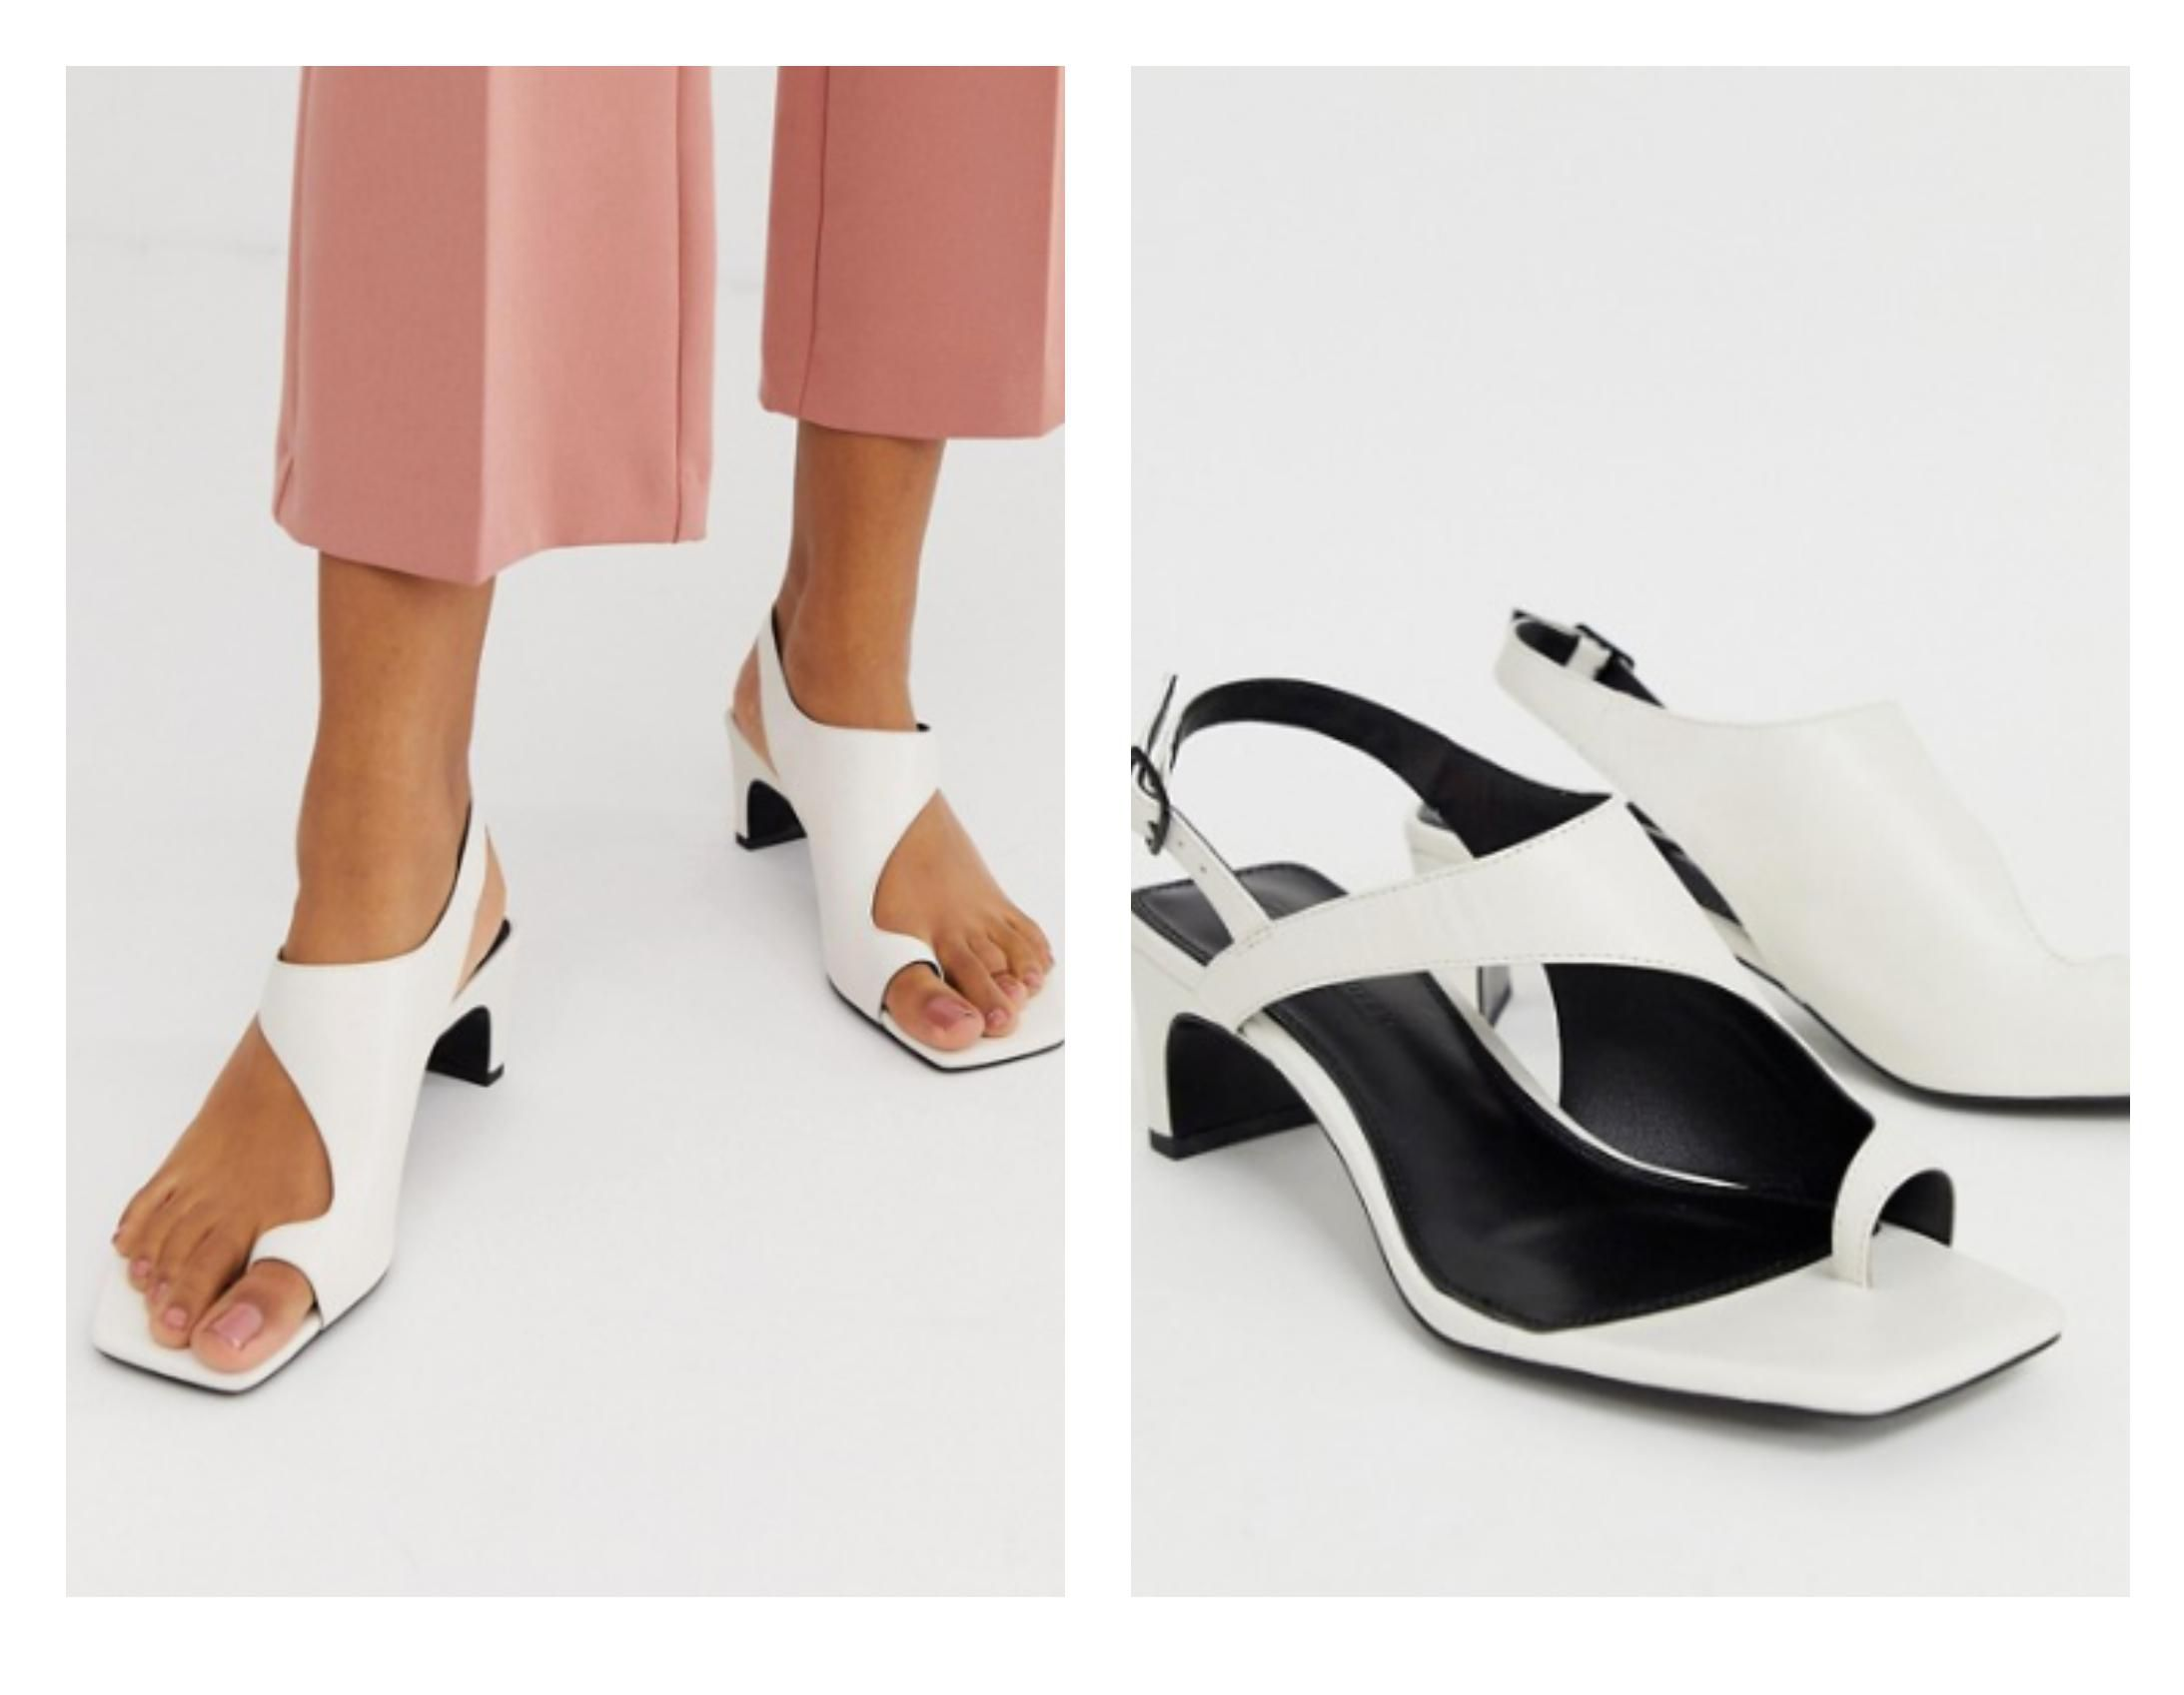 Ovog ljeta u modu nam se vraćaju sandale s detaljem koji se neće svima svidjeti!